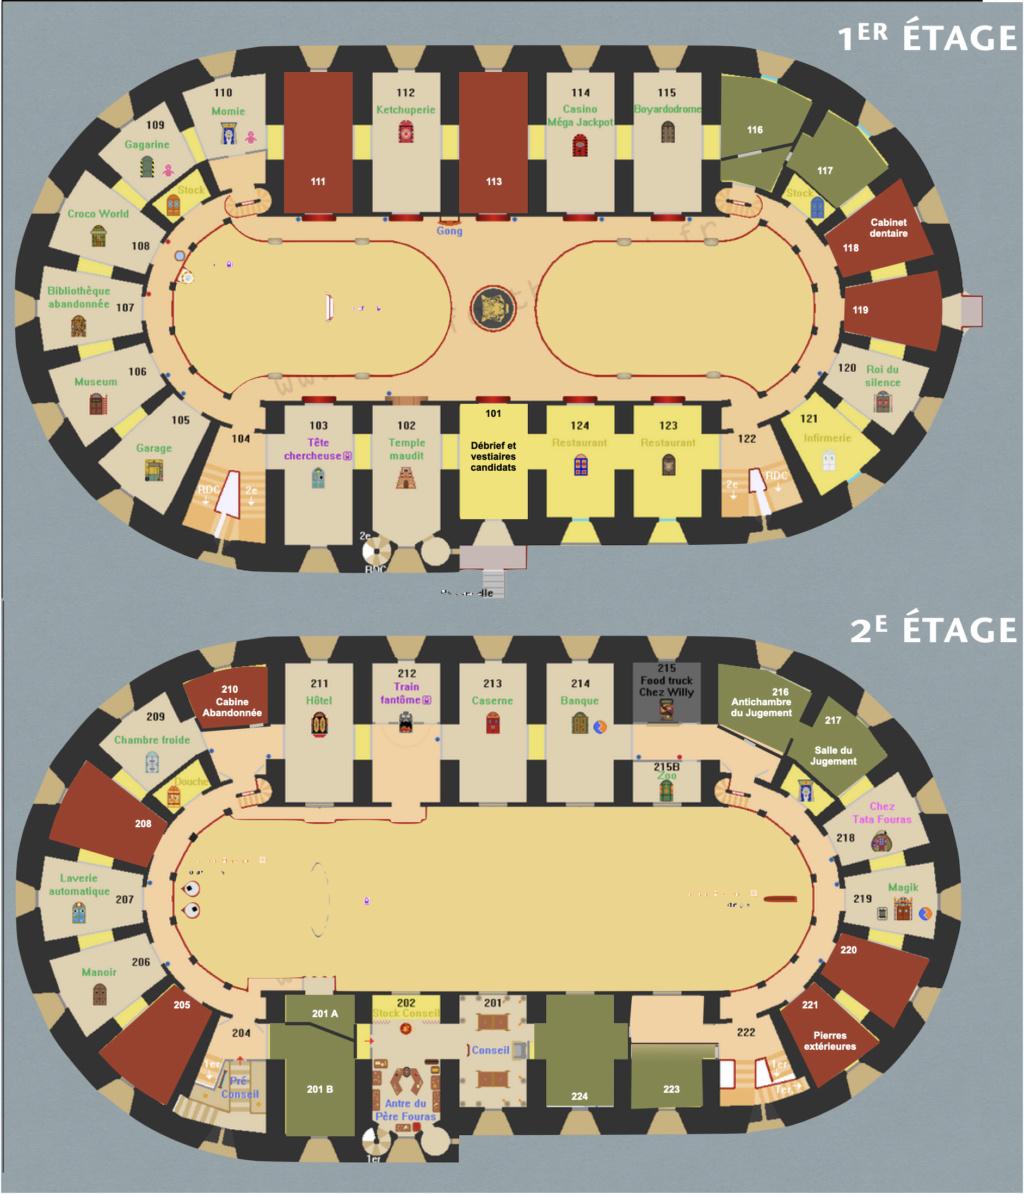 Débat ÉPREUVES ET AVENTURES (Nouvelles idées, Modifications...) - Fort Boyard 2021 Plan_210